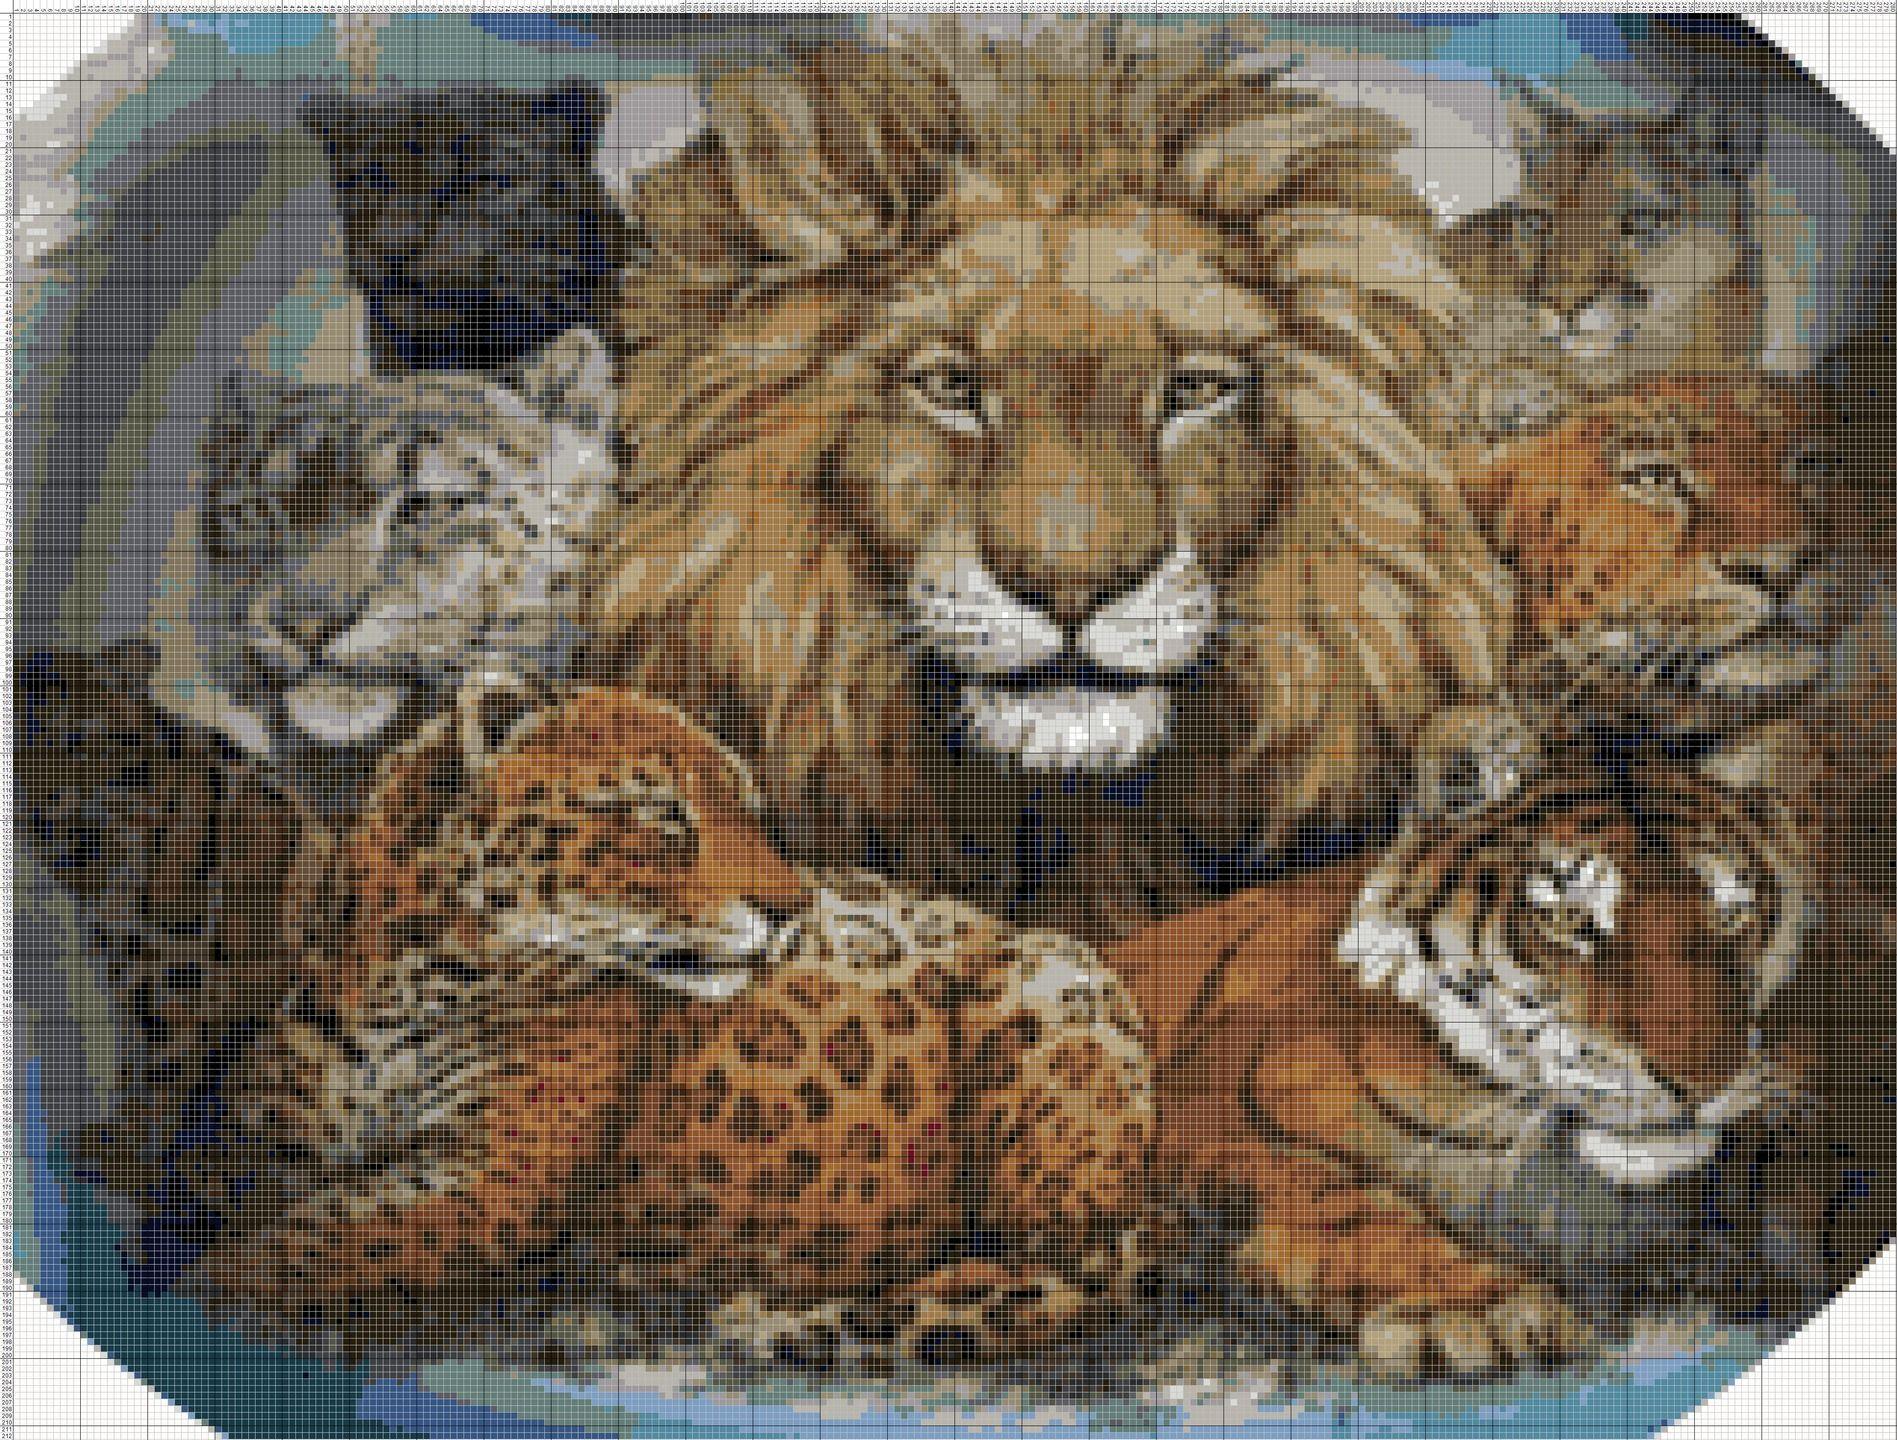 Grille de point de croix animaux reunion de f lins lion - Images tigres gratuites ...